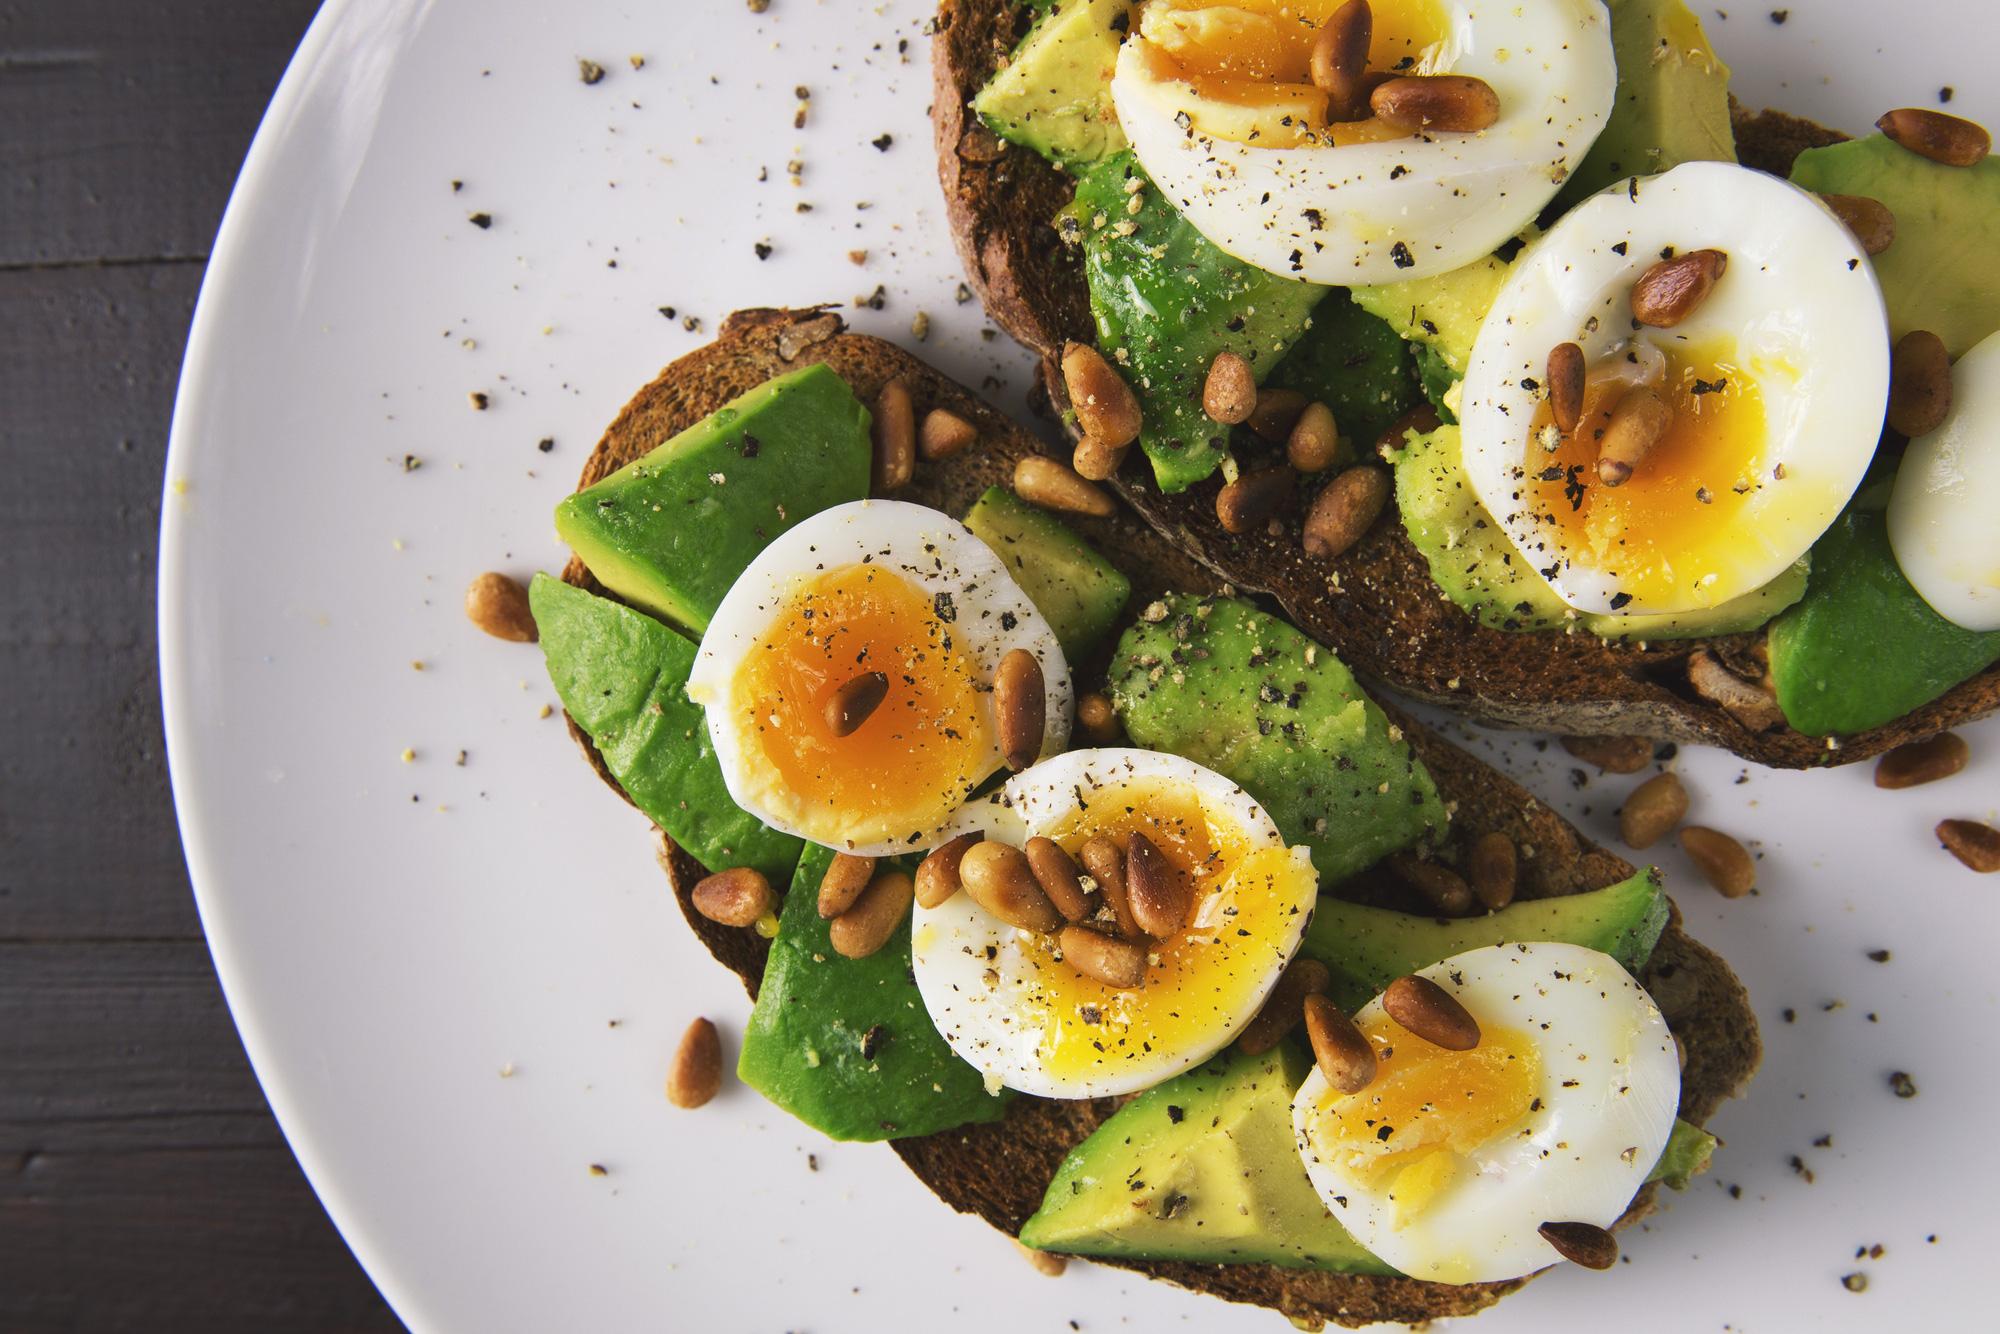 appetizer-avocado-bread-breakfast-566566 (1)